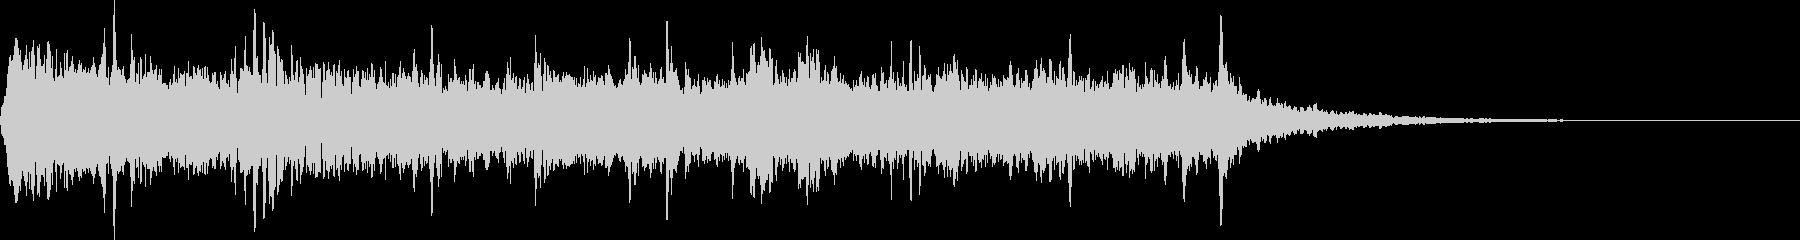 アトモスフィア FX_07 ambiの未再生の波形